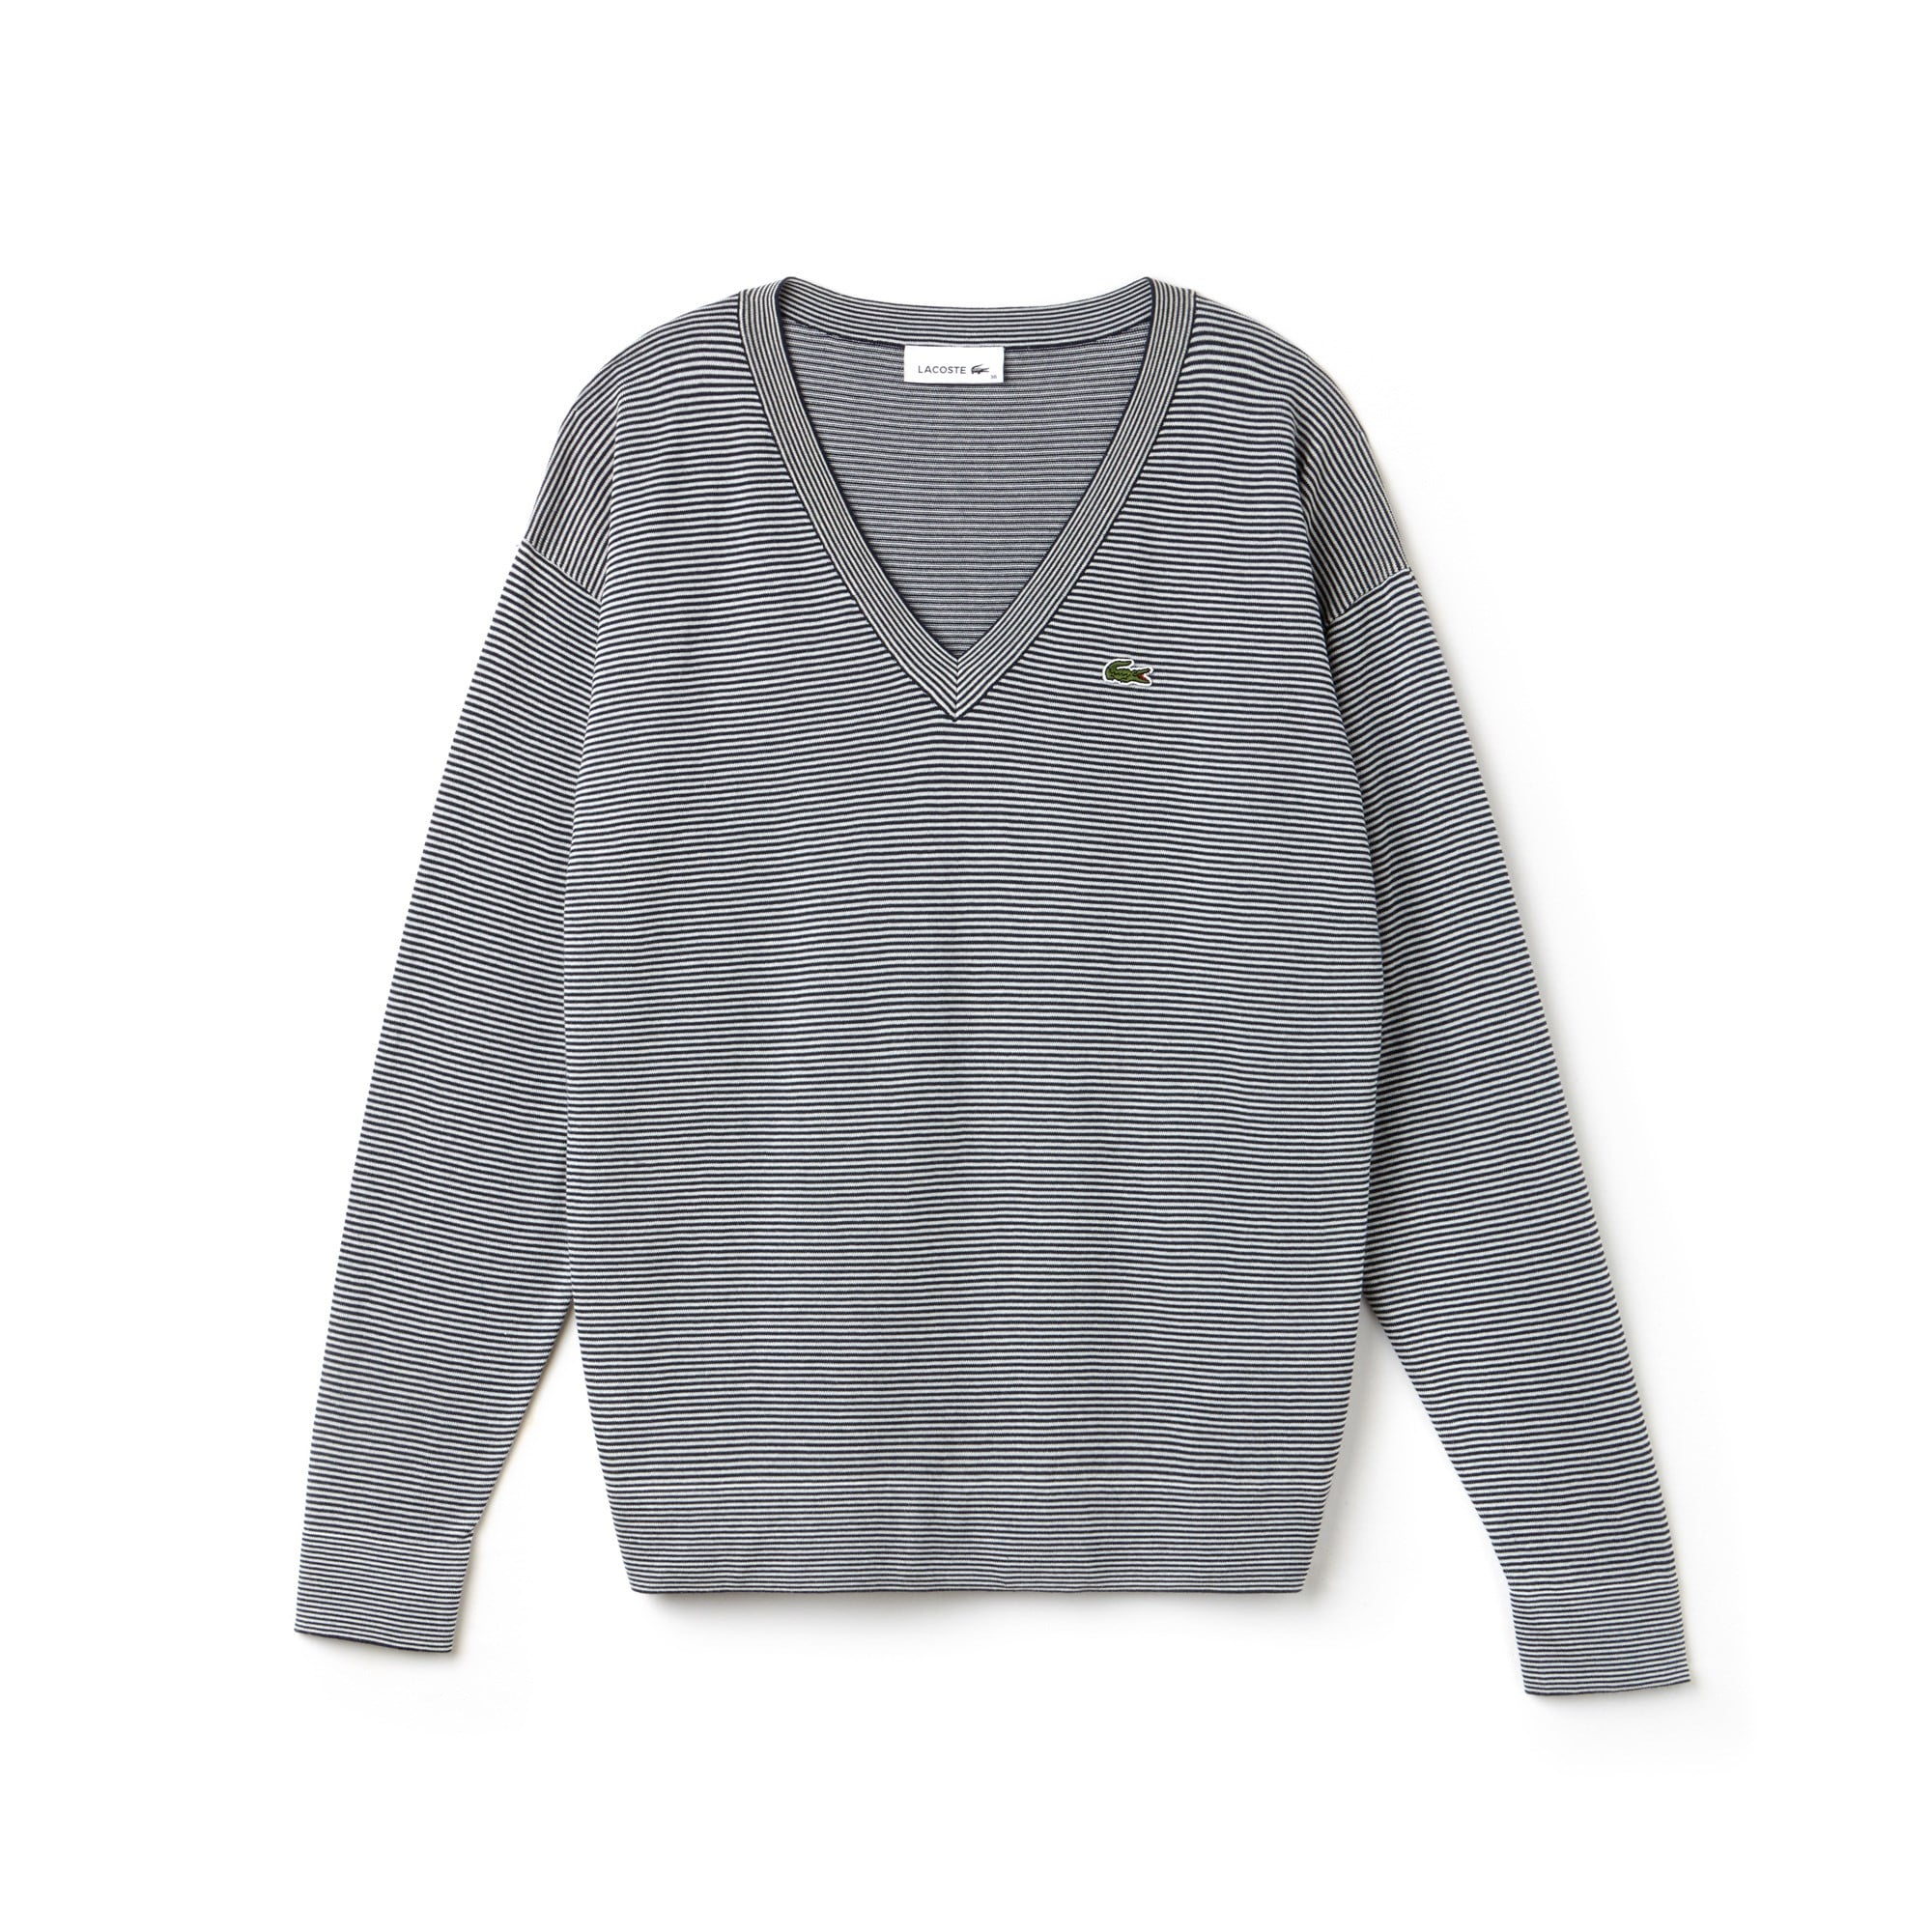 Sweater dames V-hals katoenjersey met krijtstrepen